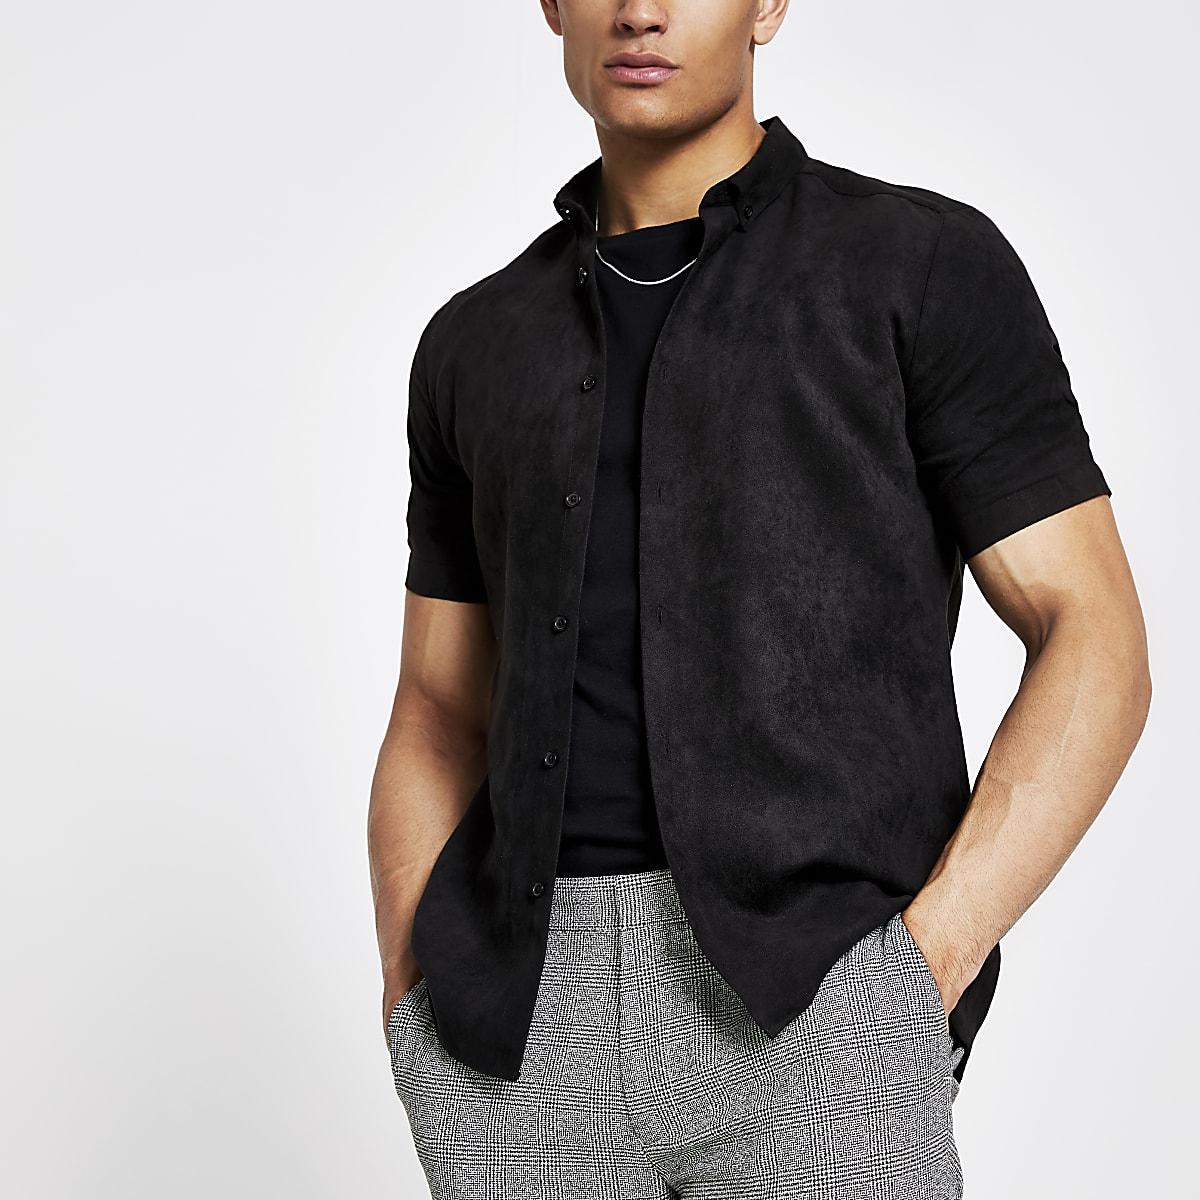 Overhemd Zwart Slim Fit.Zwart Slim Fit Overhemd Van Imitatiesuede Overhemden Met Korte